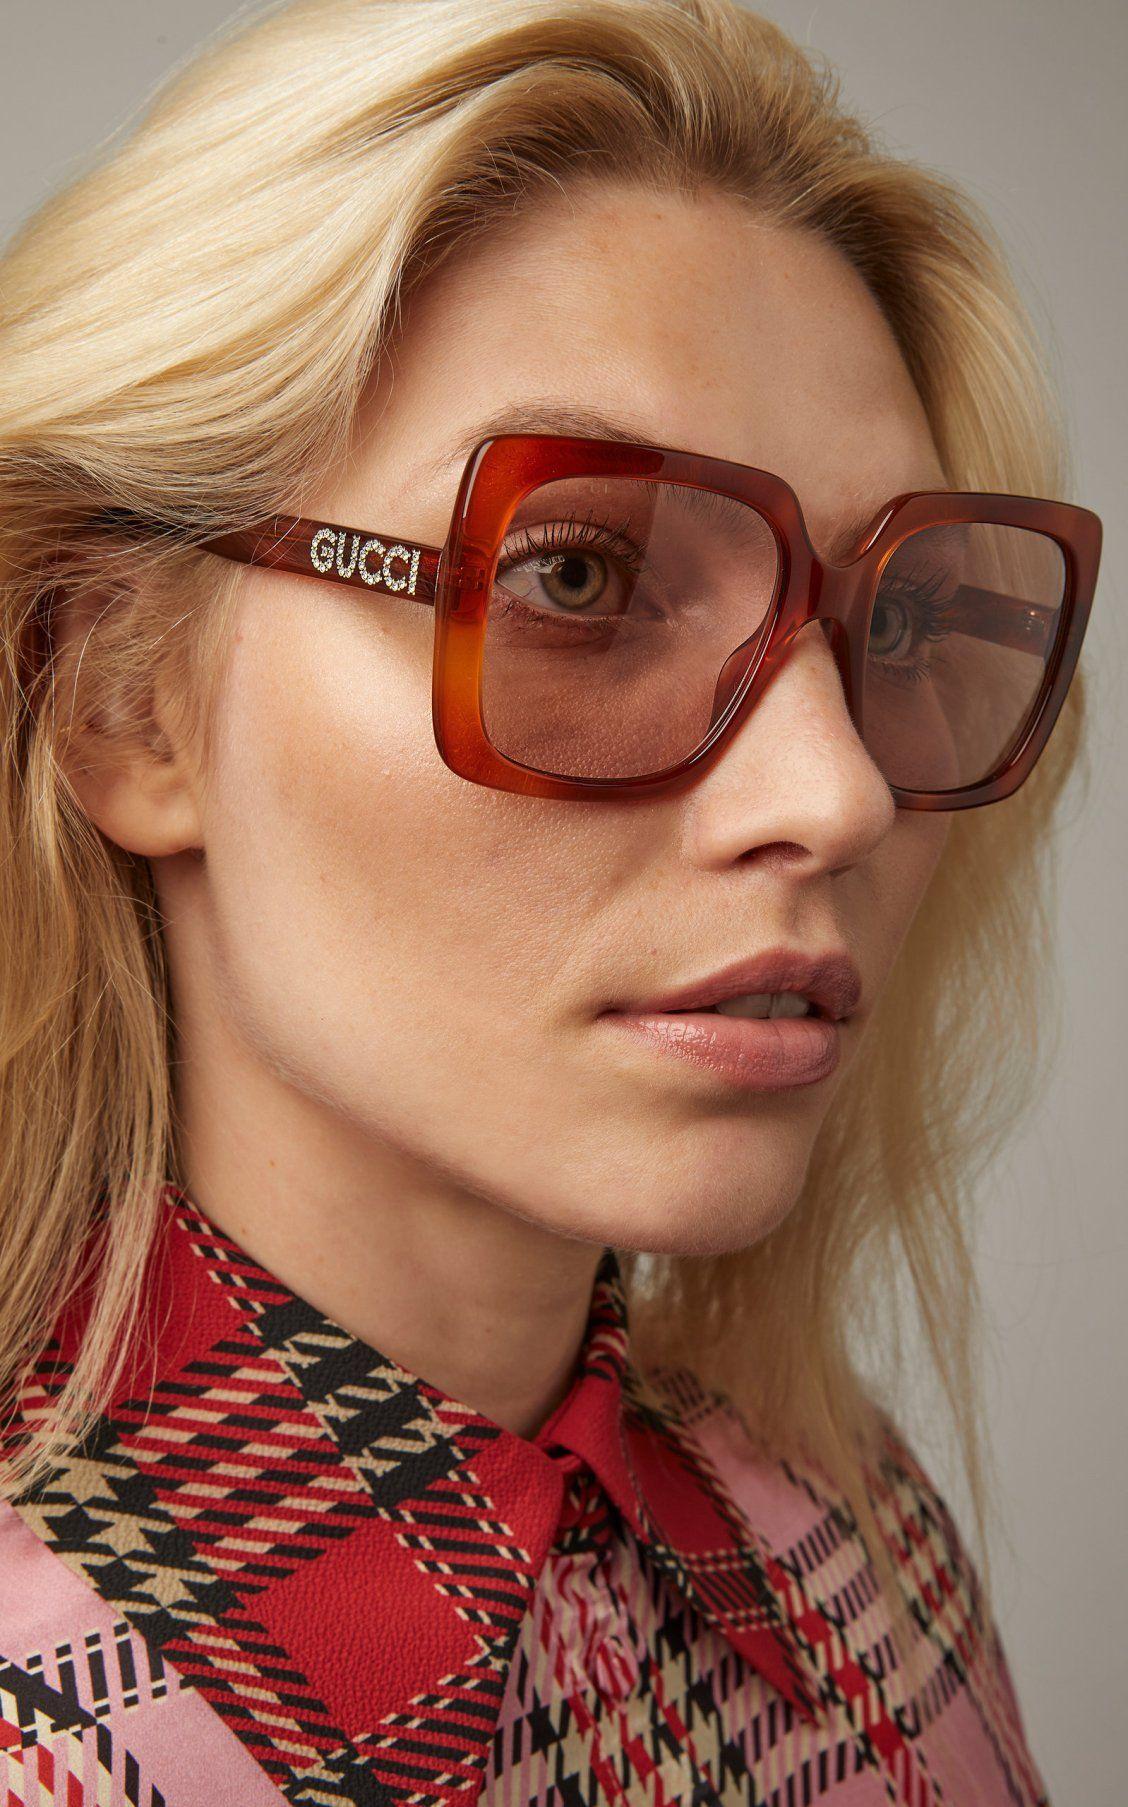 22dbb05c586 Gucci Sunglasses SS19